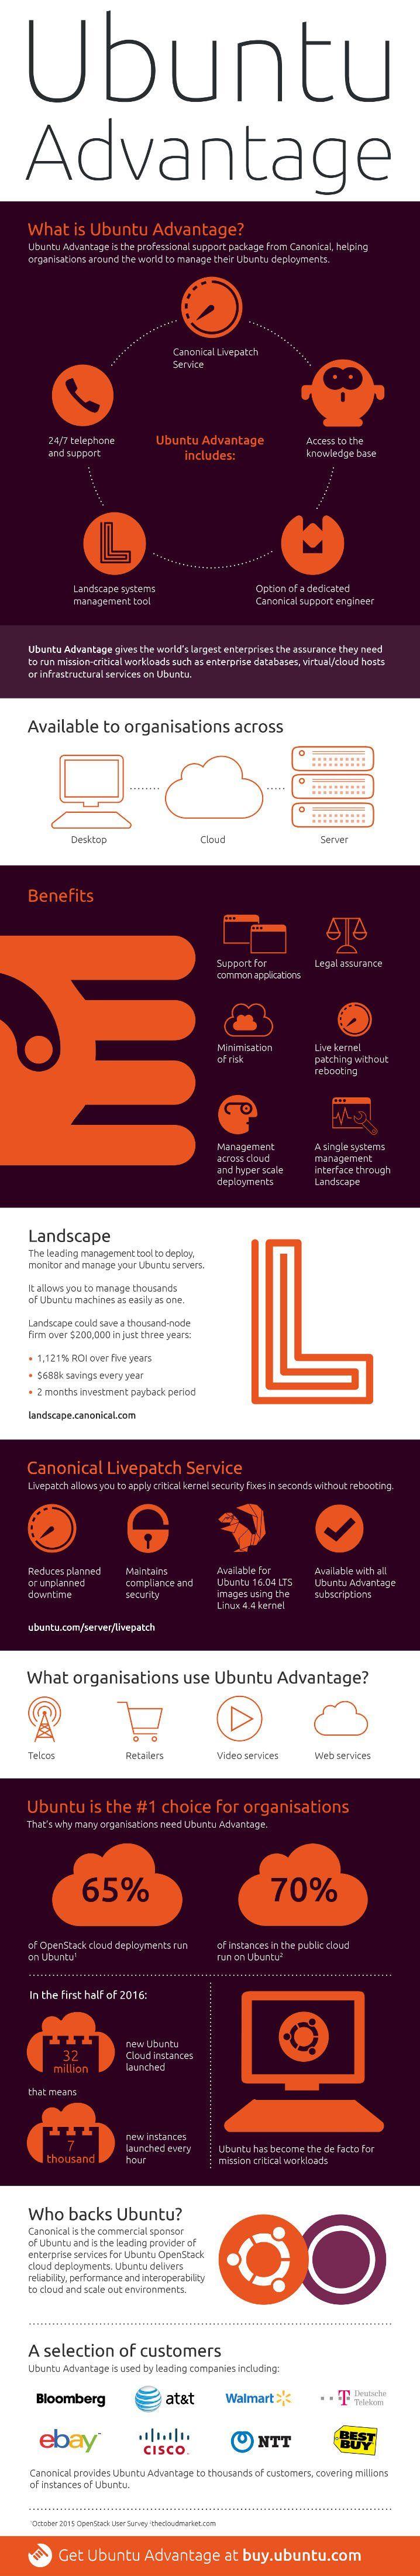 infographic ubuntu advantage